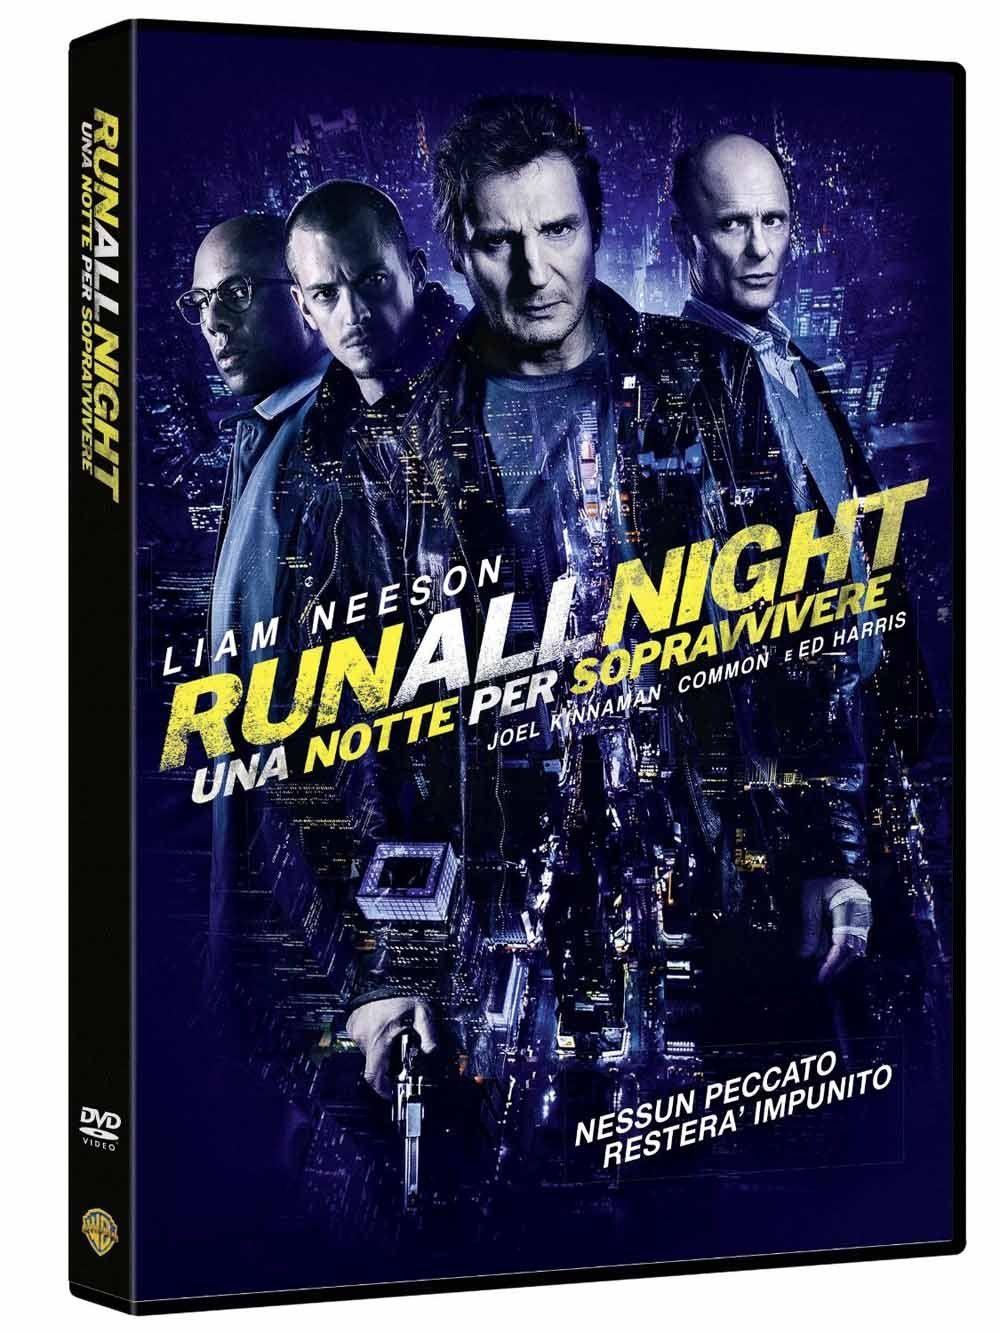 Run all night - Una notte per sopravvivere #night, #Run, # ...